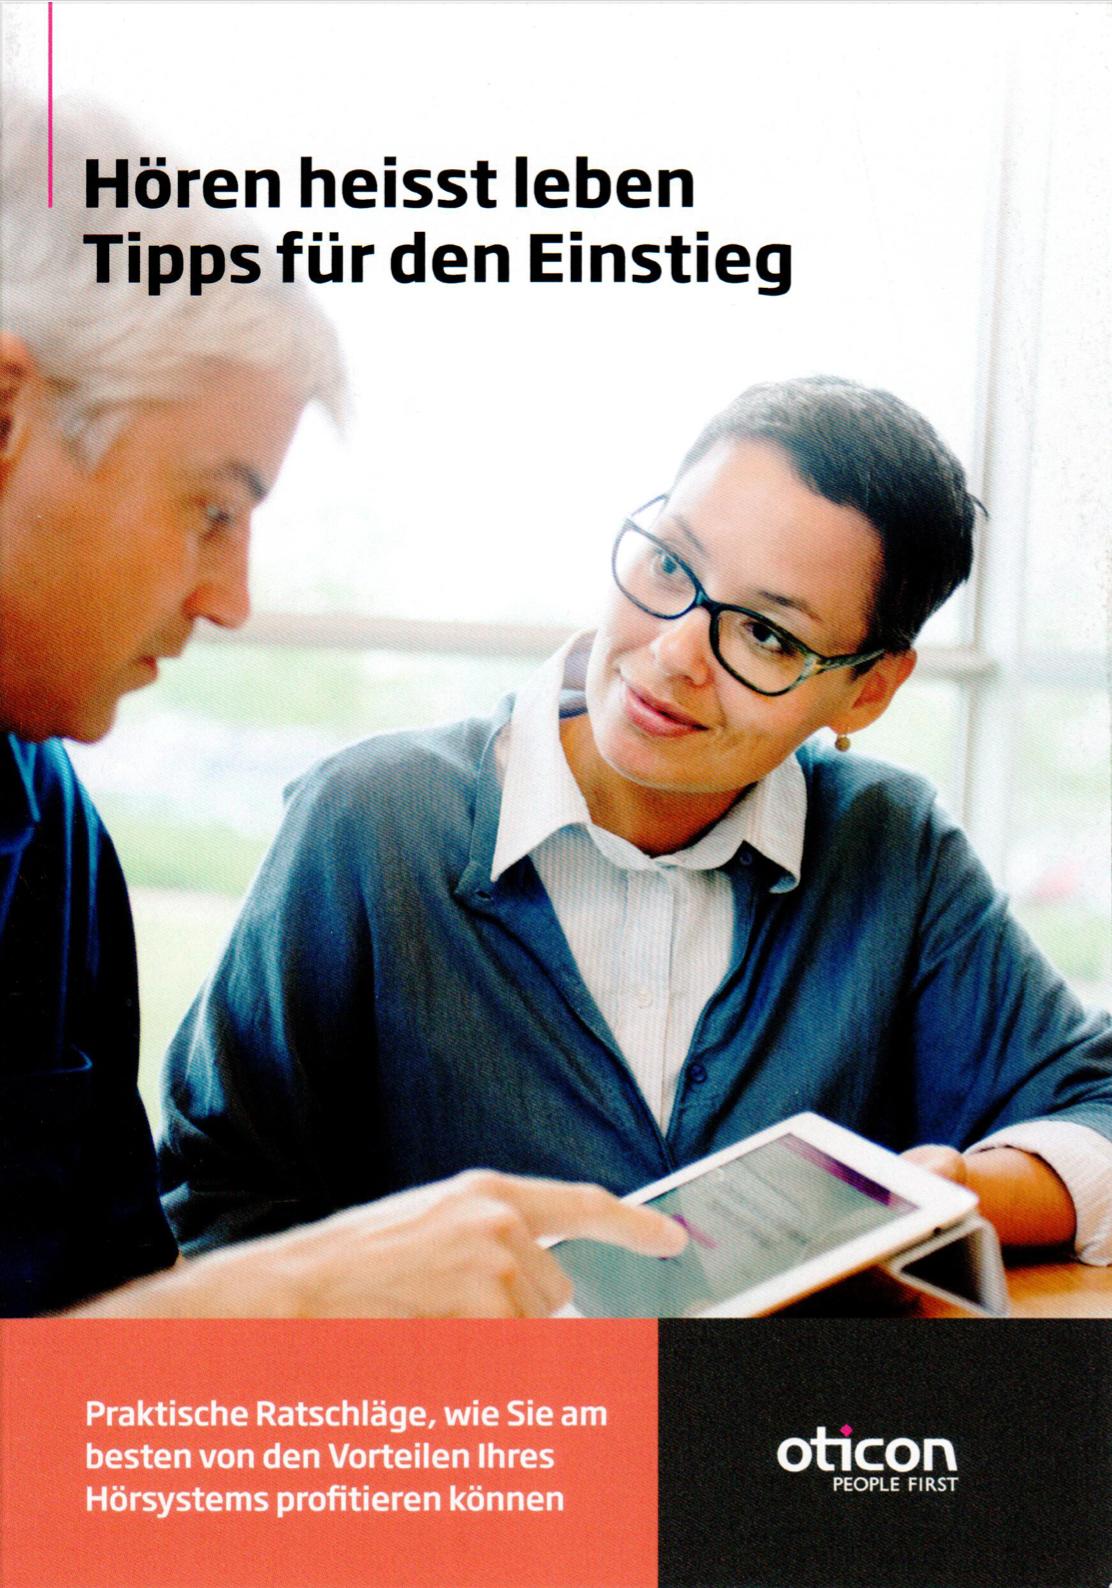 Broschüre: Hören heisst leben - Tipps für den Einstieg